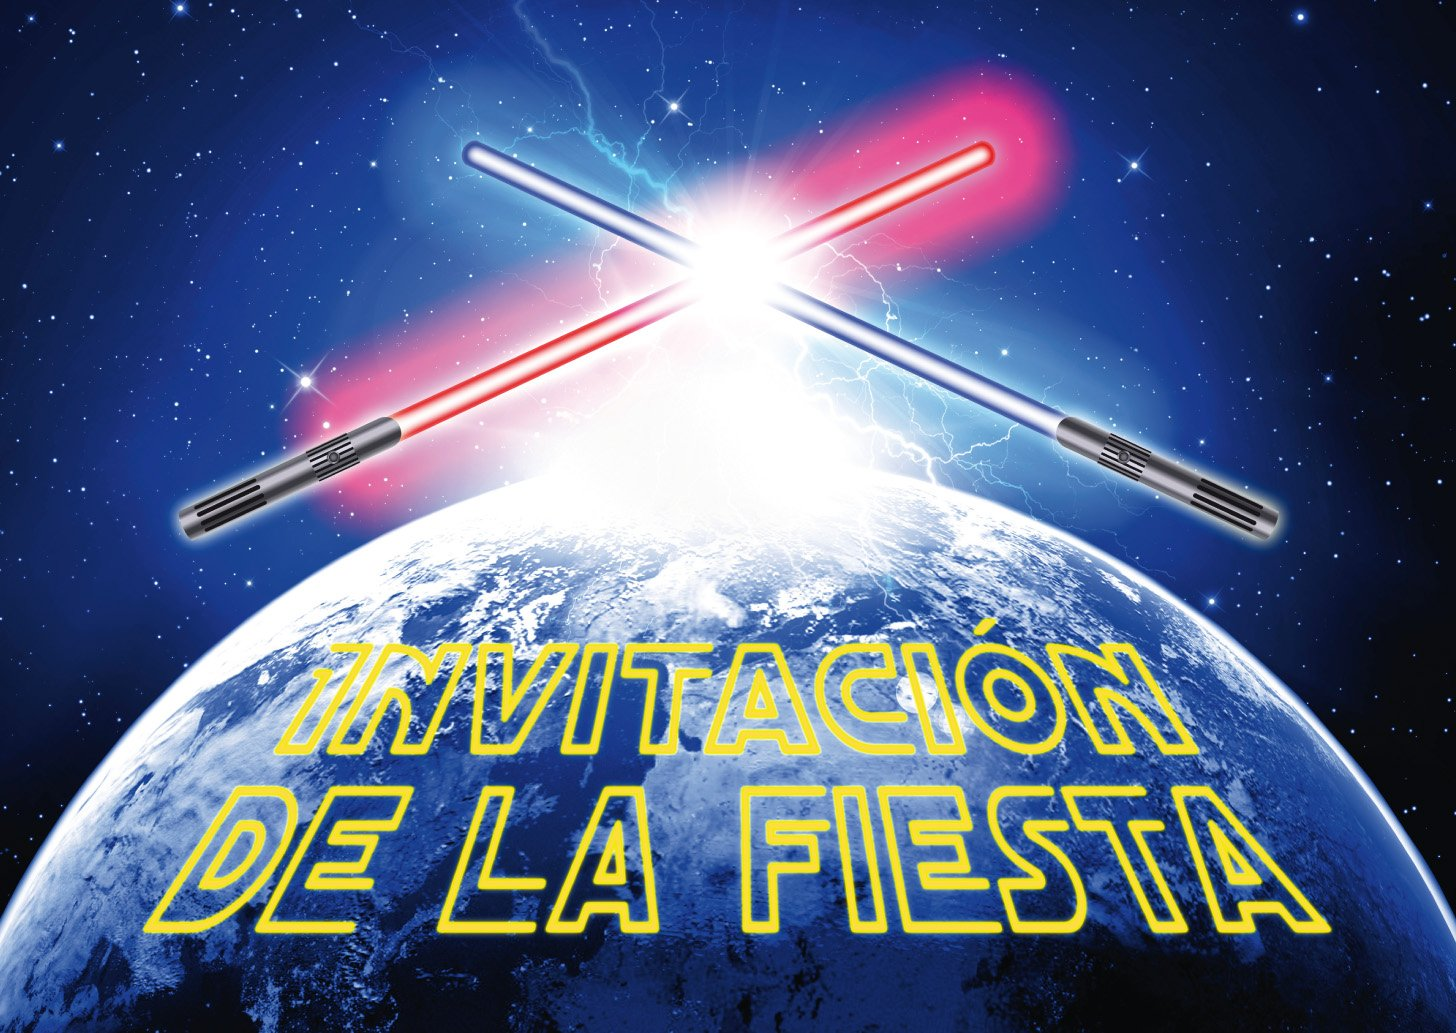 """Edition Colibri 10 Invitaciones en español """"Espadas DE LUZ """": Juego DE 10 Impresionantes Invitaciones de La Guerra de Las Galaxias para el Cumpleaños Infantil (10792 ES)"""